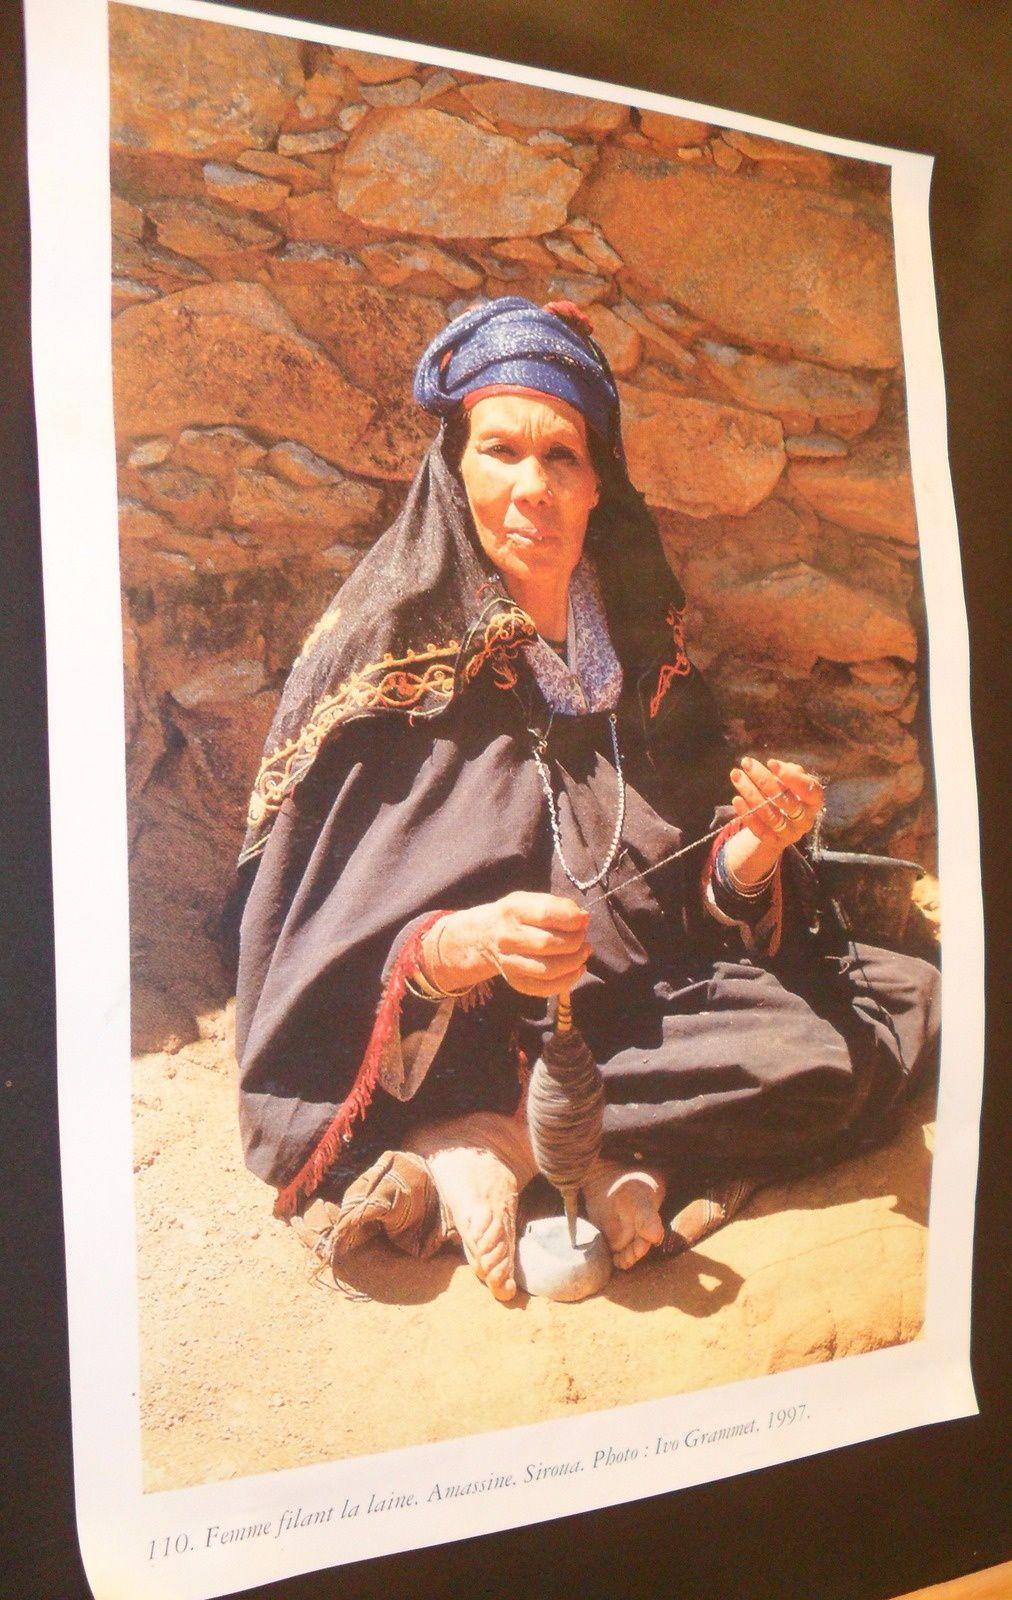 Portrait d'une femme filant la laine musée de Marrakech (photos décembre 2013).